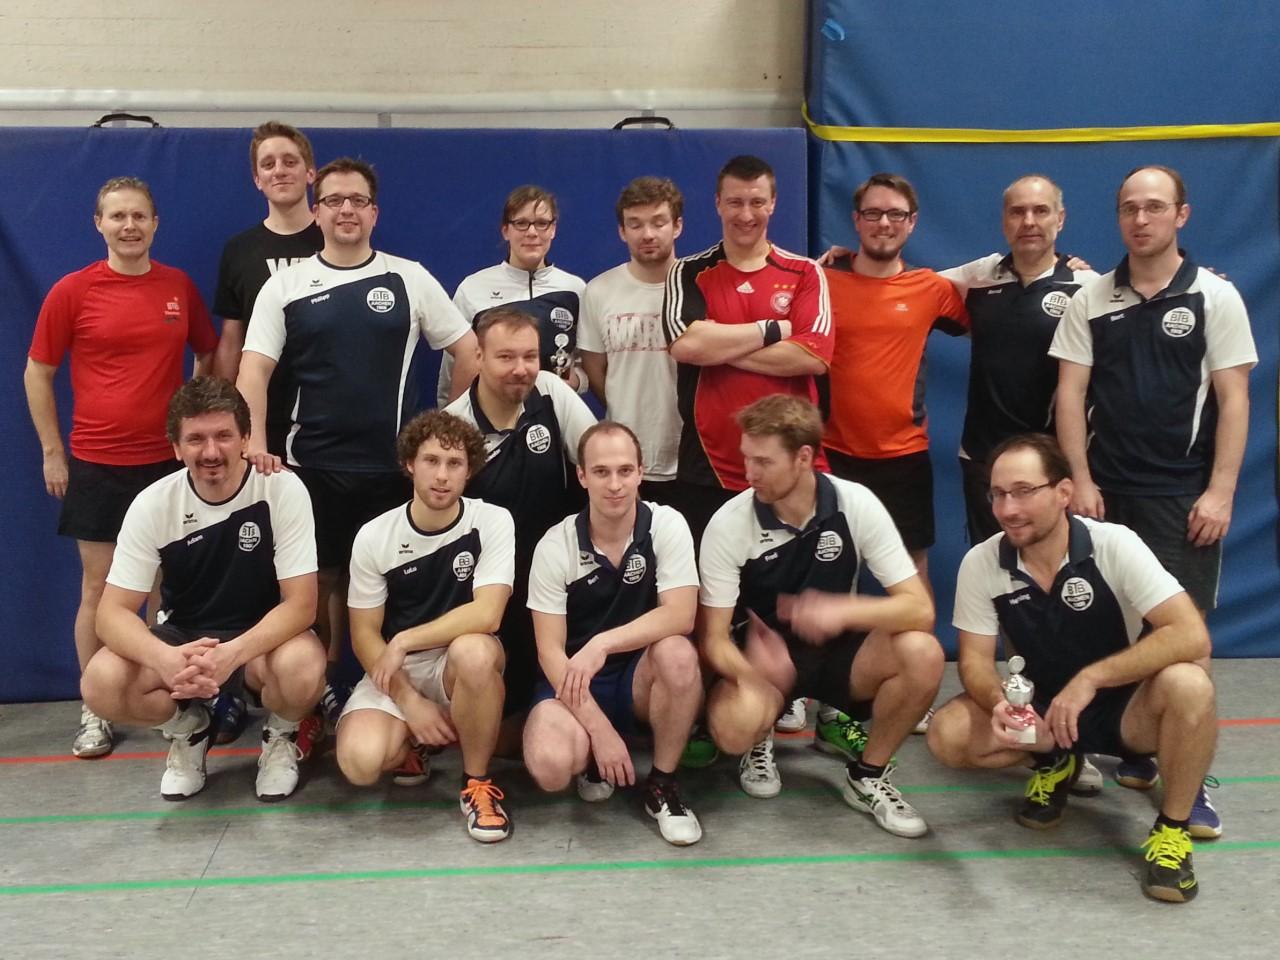 badminton mönchengladbach